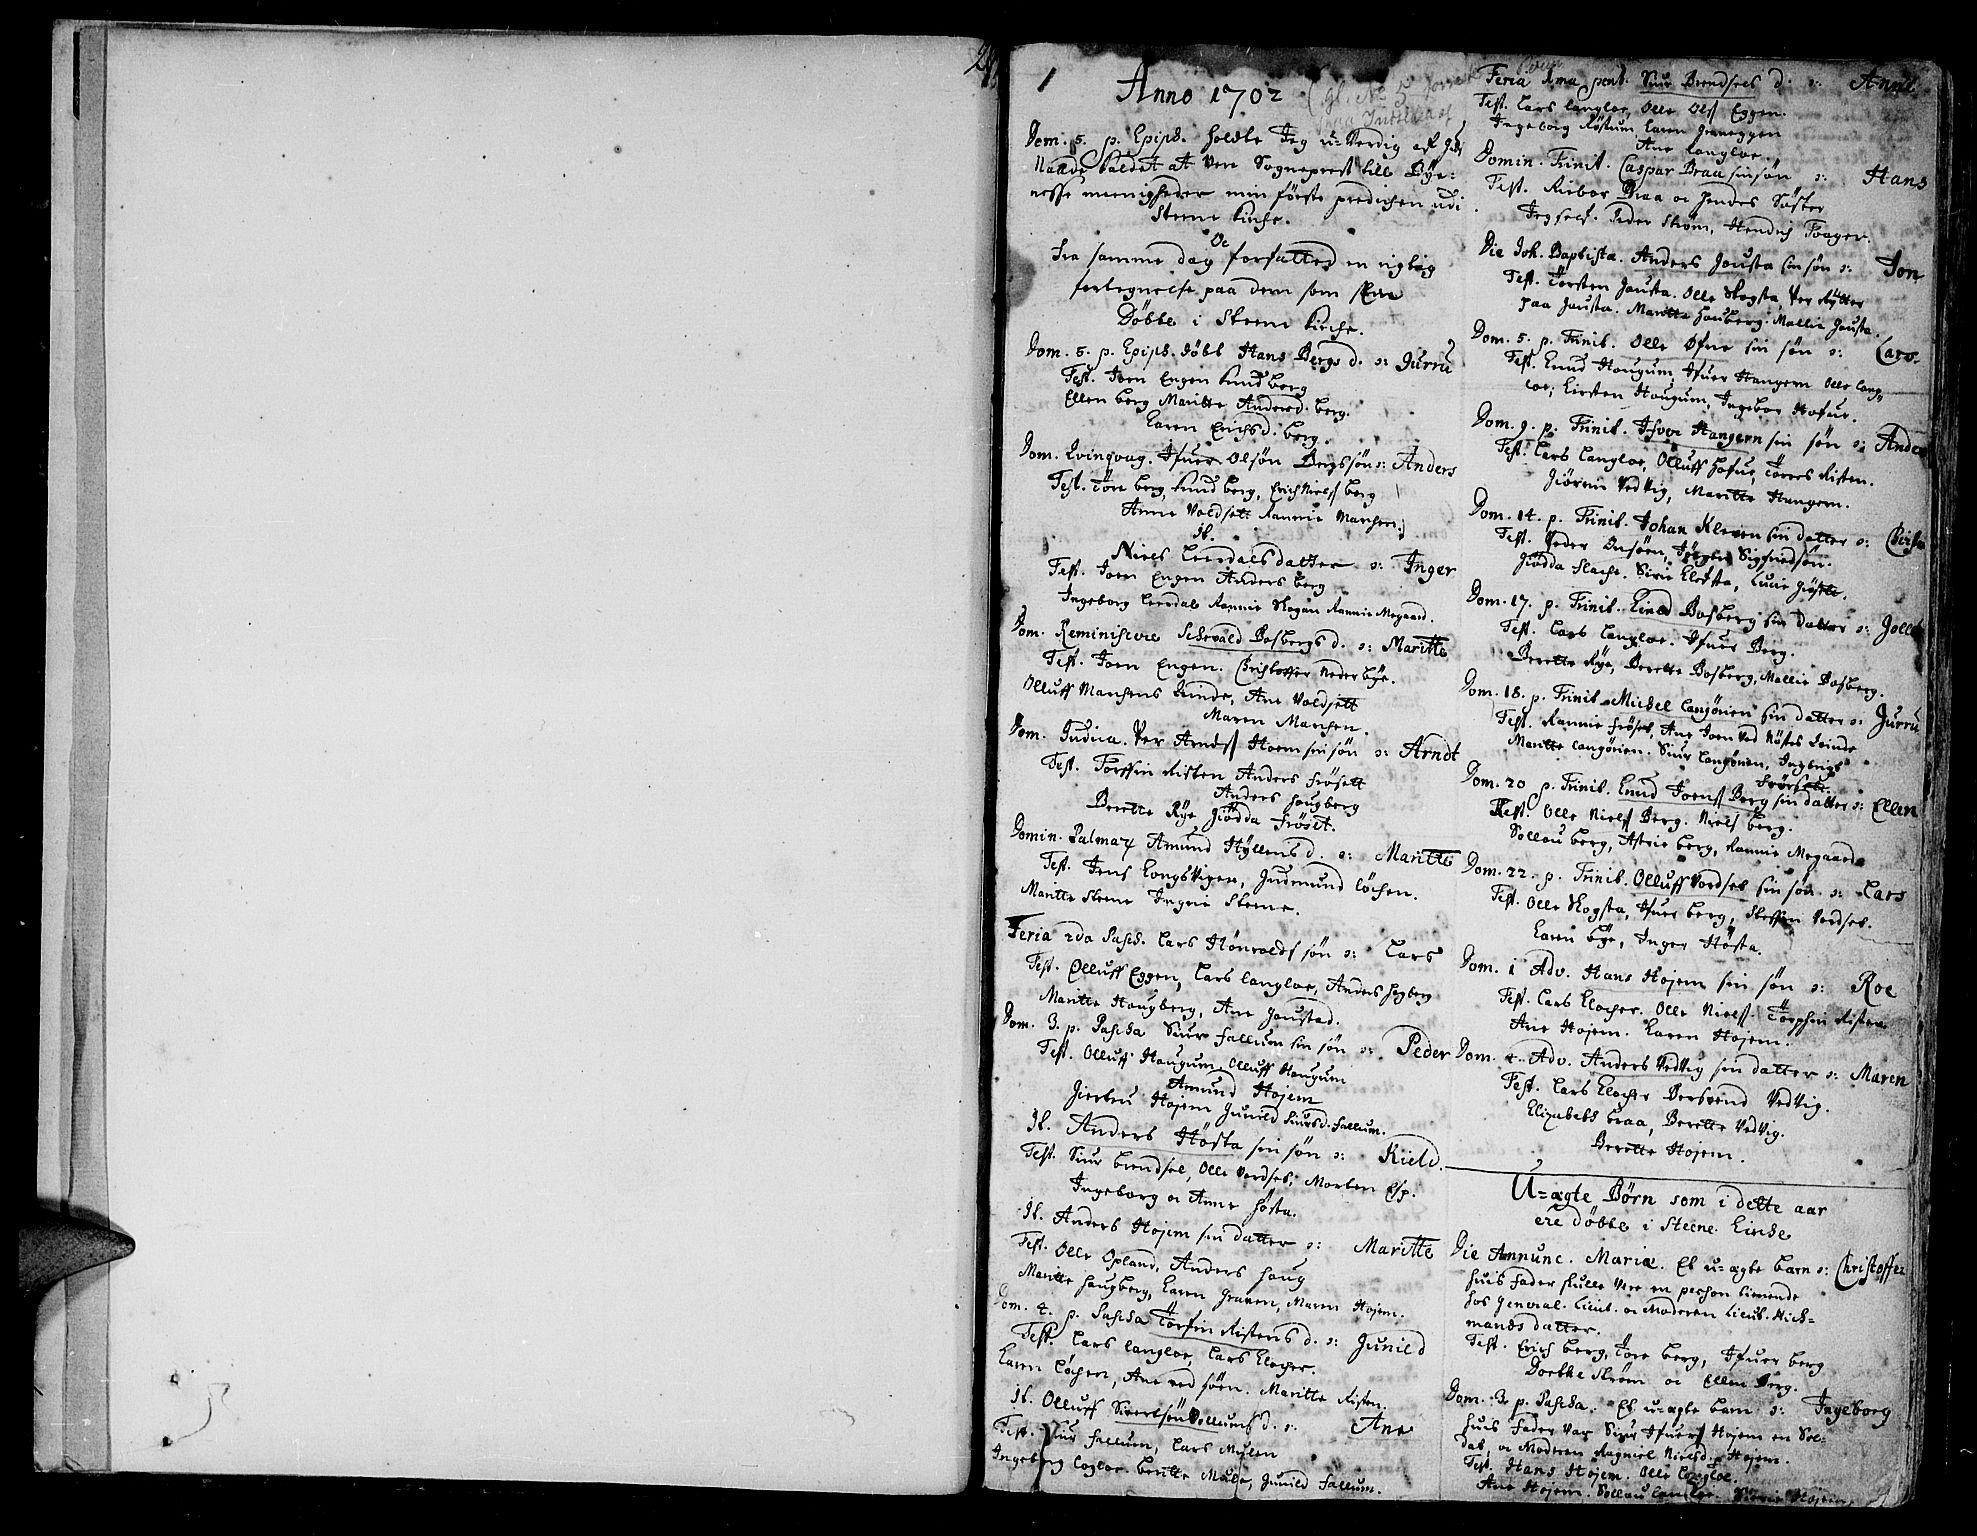 SAT, Ministerialprotokoller, klokkerbøker og fødselsregistre - Sør-Trøndelag, 612/L0368: Ministerialbok nr. 612A02, 1702-1753, s. 1